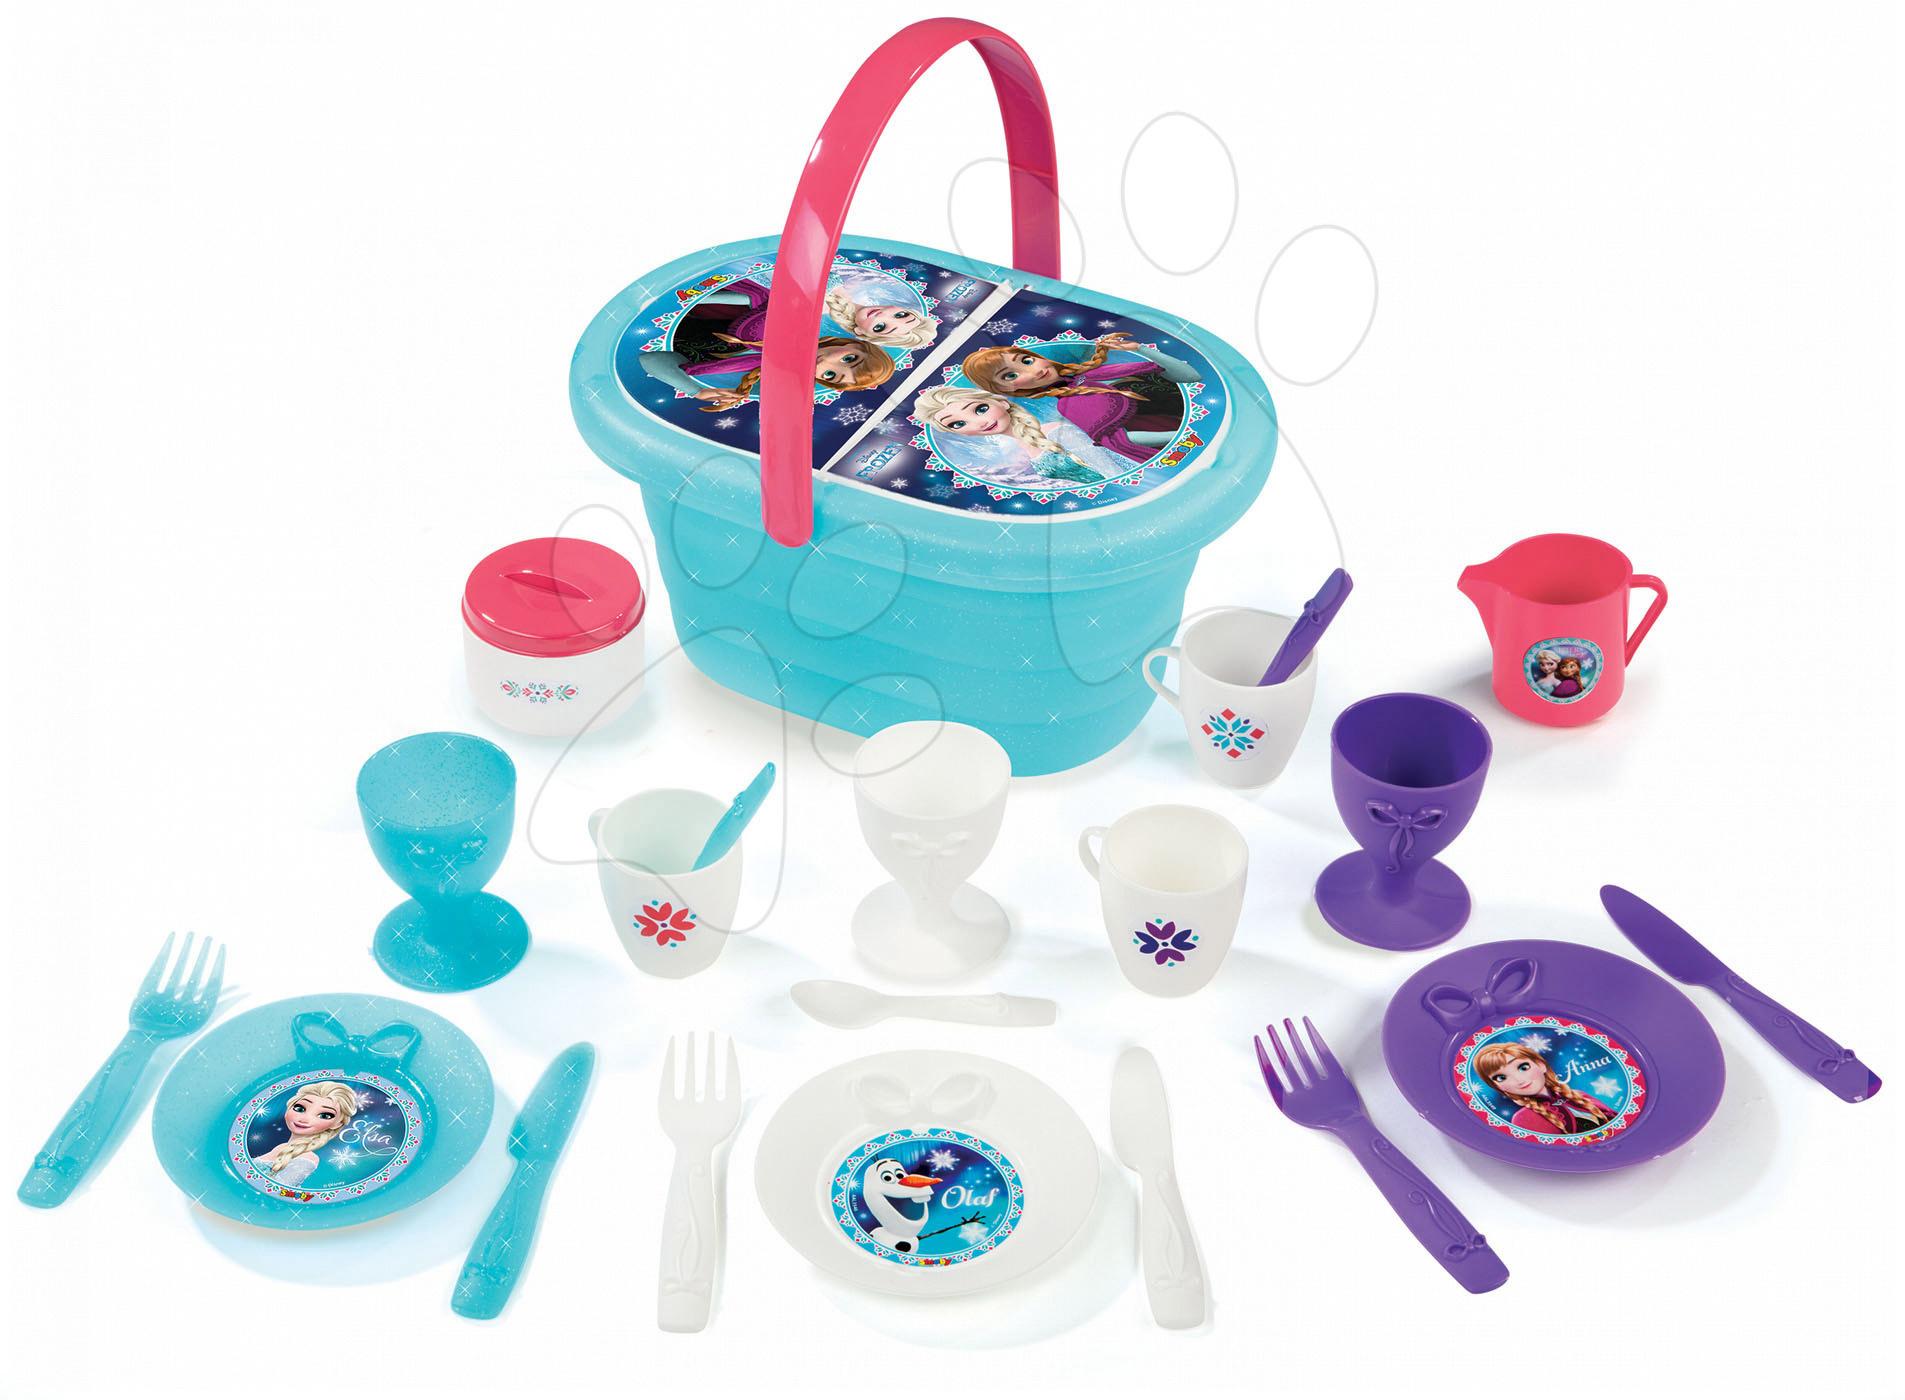 Piknikový košík s jídelní soupravou Frozen Smoby třpytivý s 24 doplňky